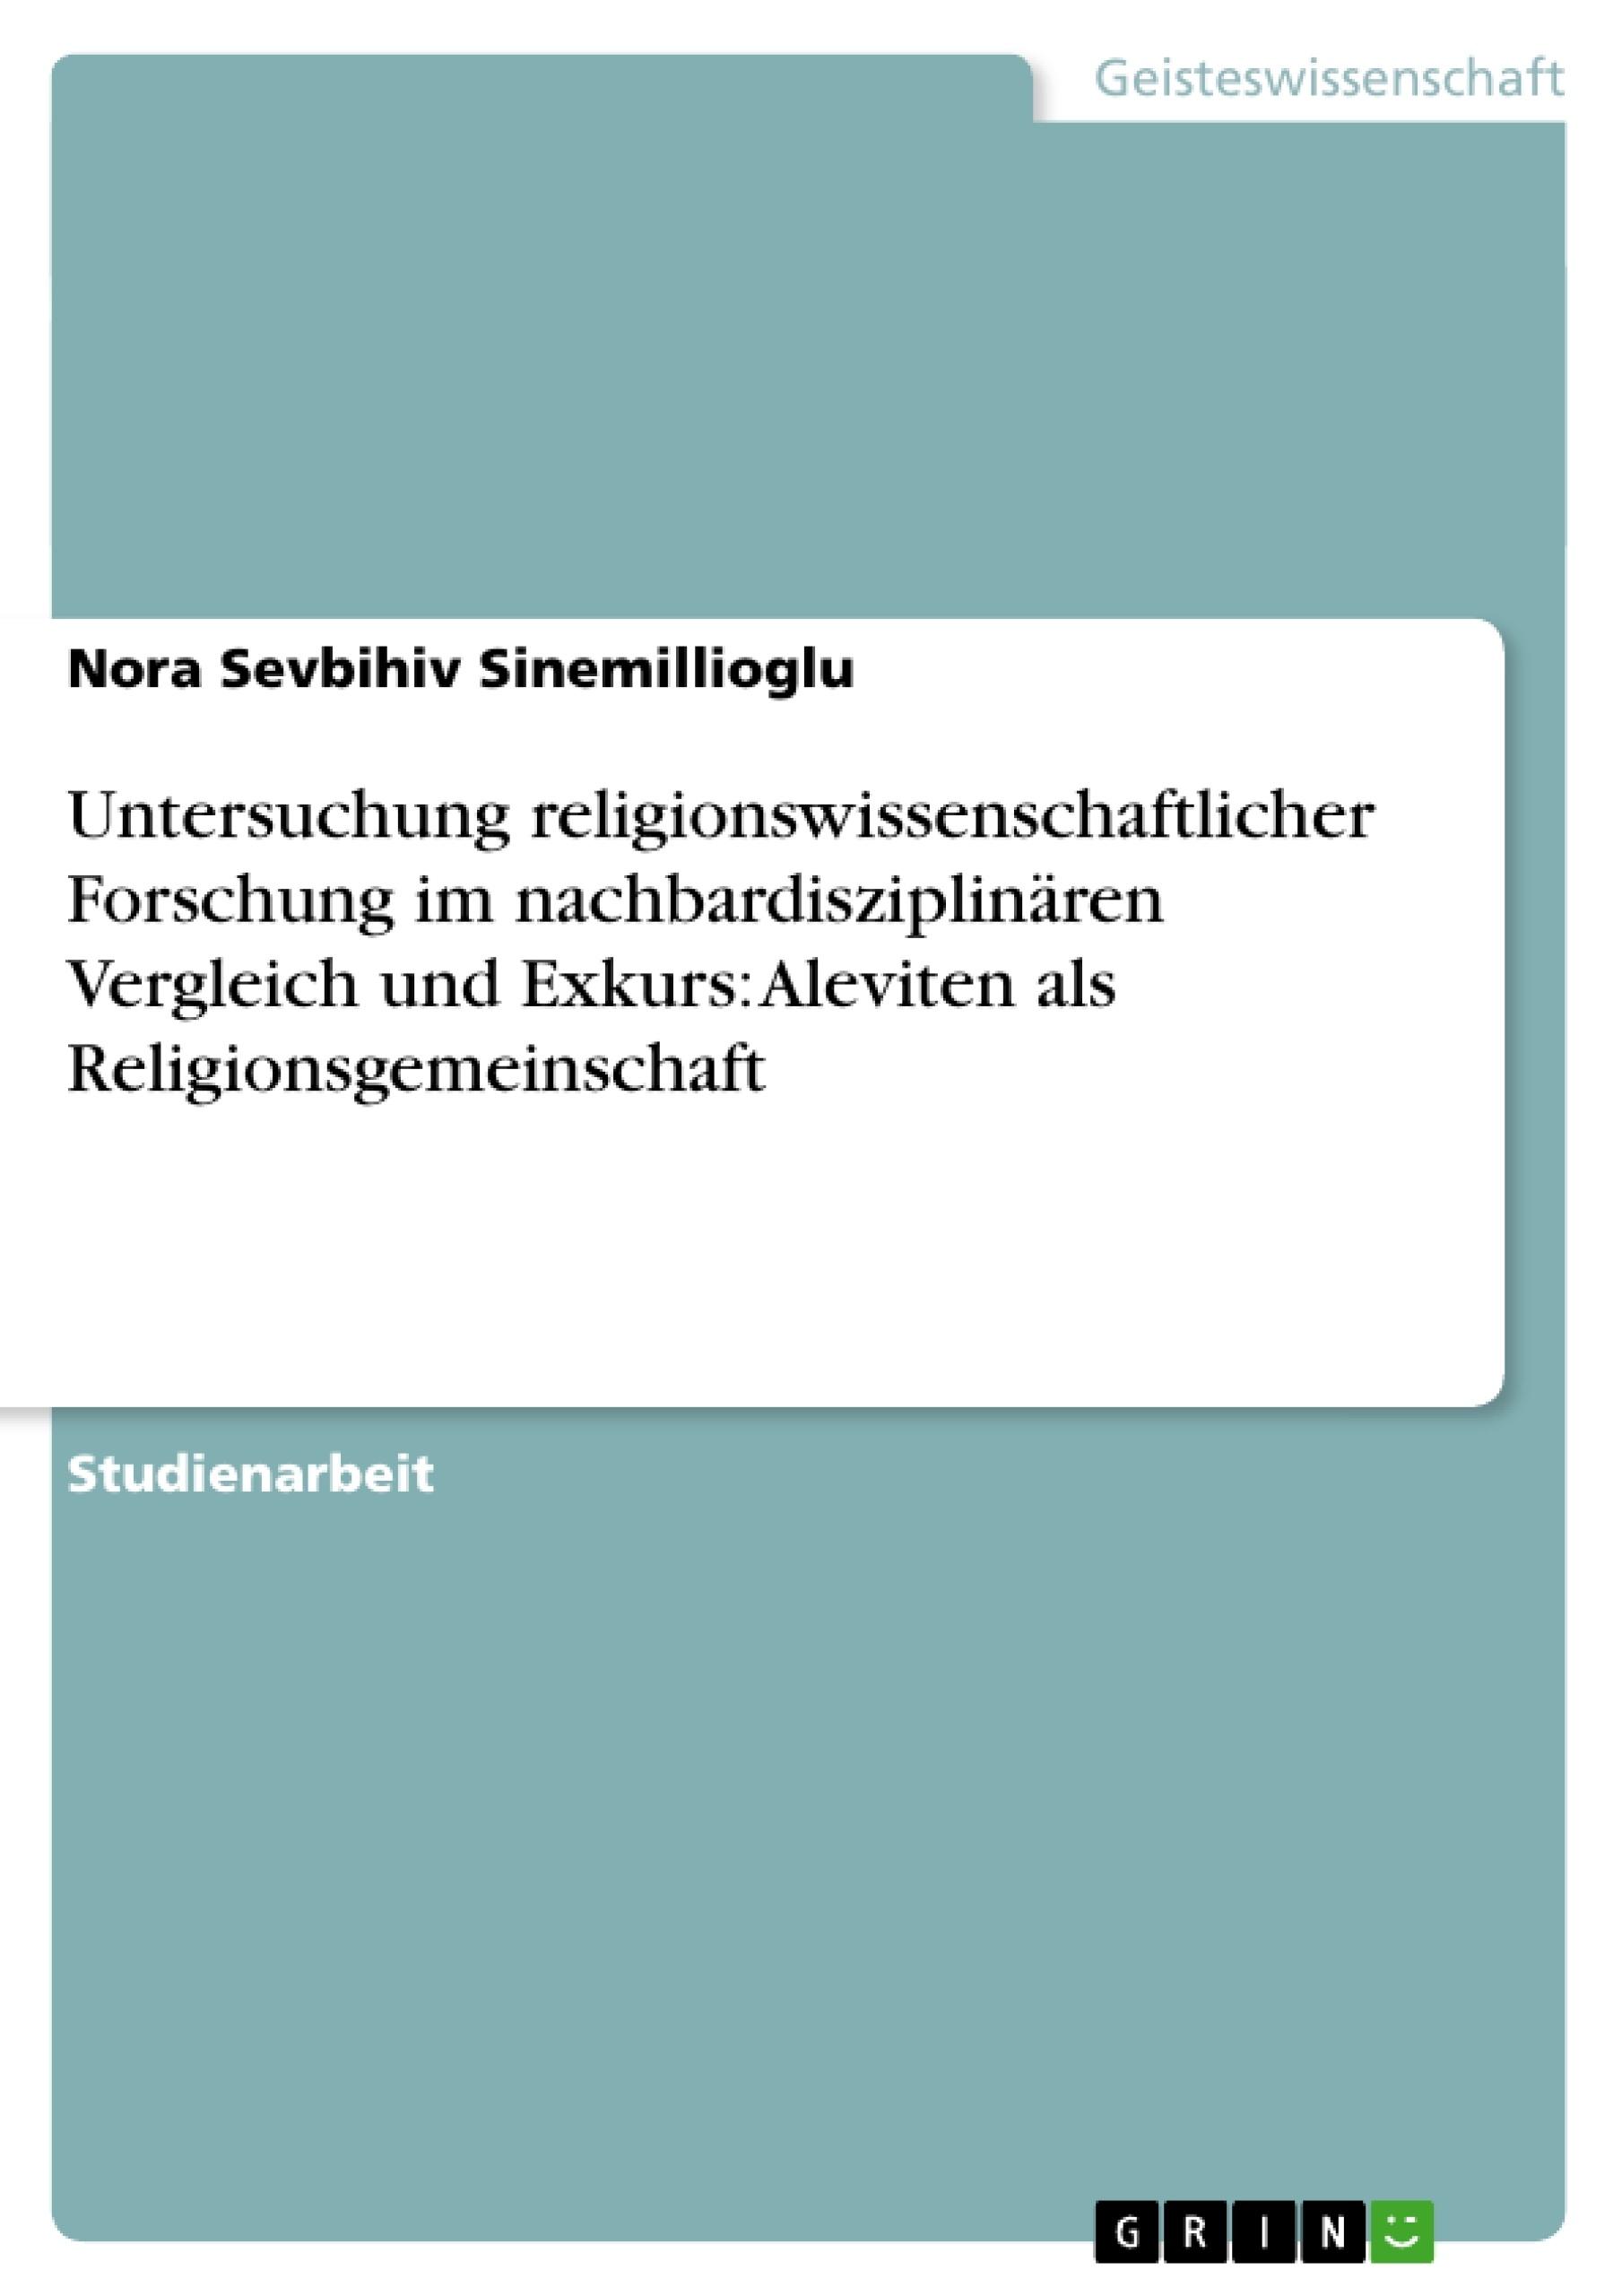 Titel: Untersuchung religionswissenschaftlicher Forschung im nachbardisziplinären Vergleich und Exkurs: Aleviten als Religionsgemeinschaft